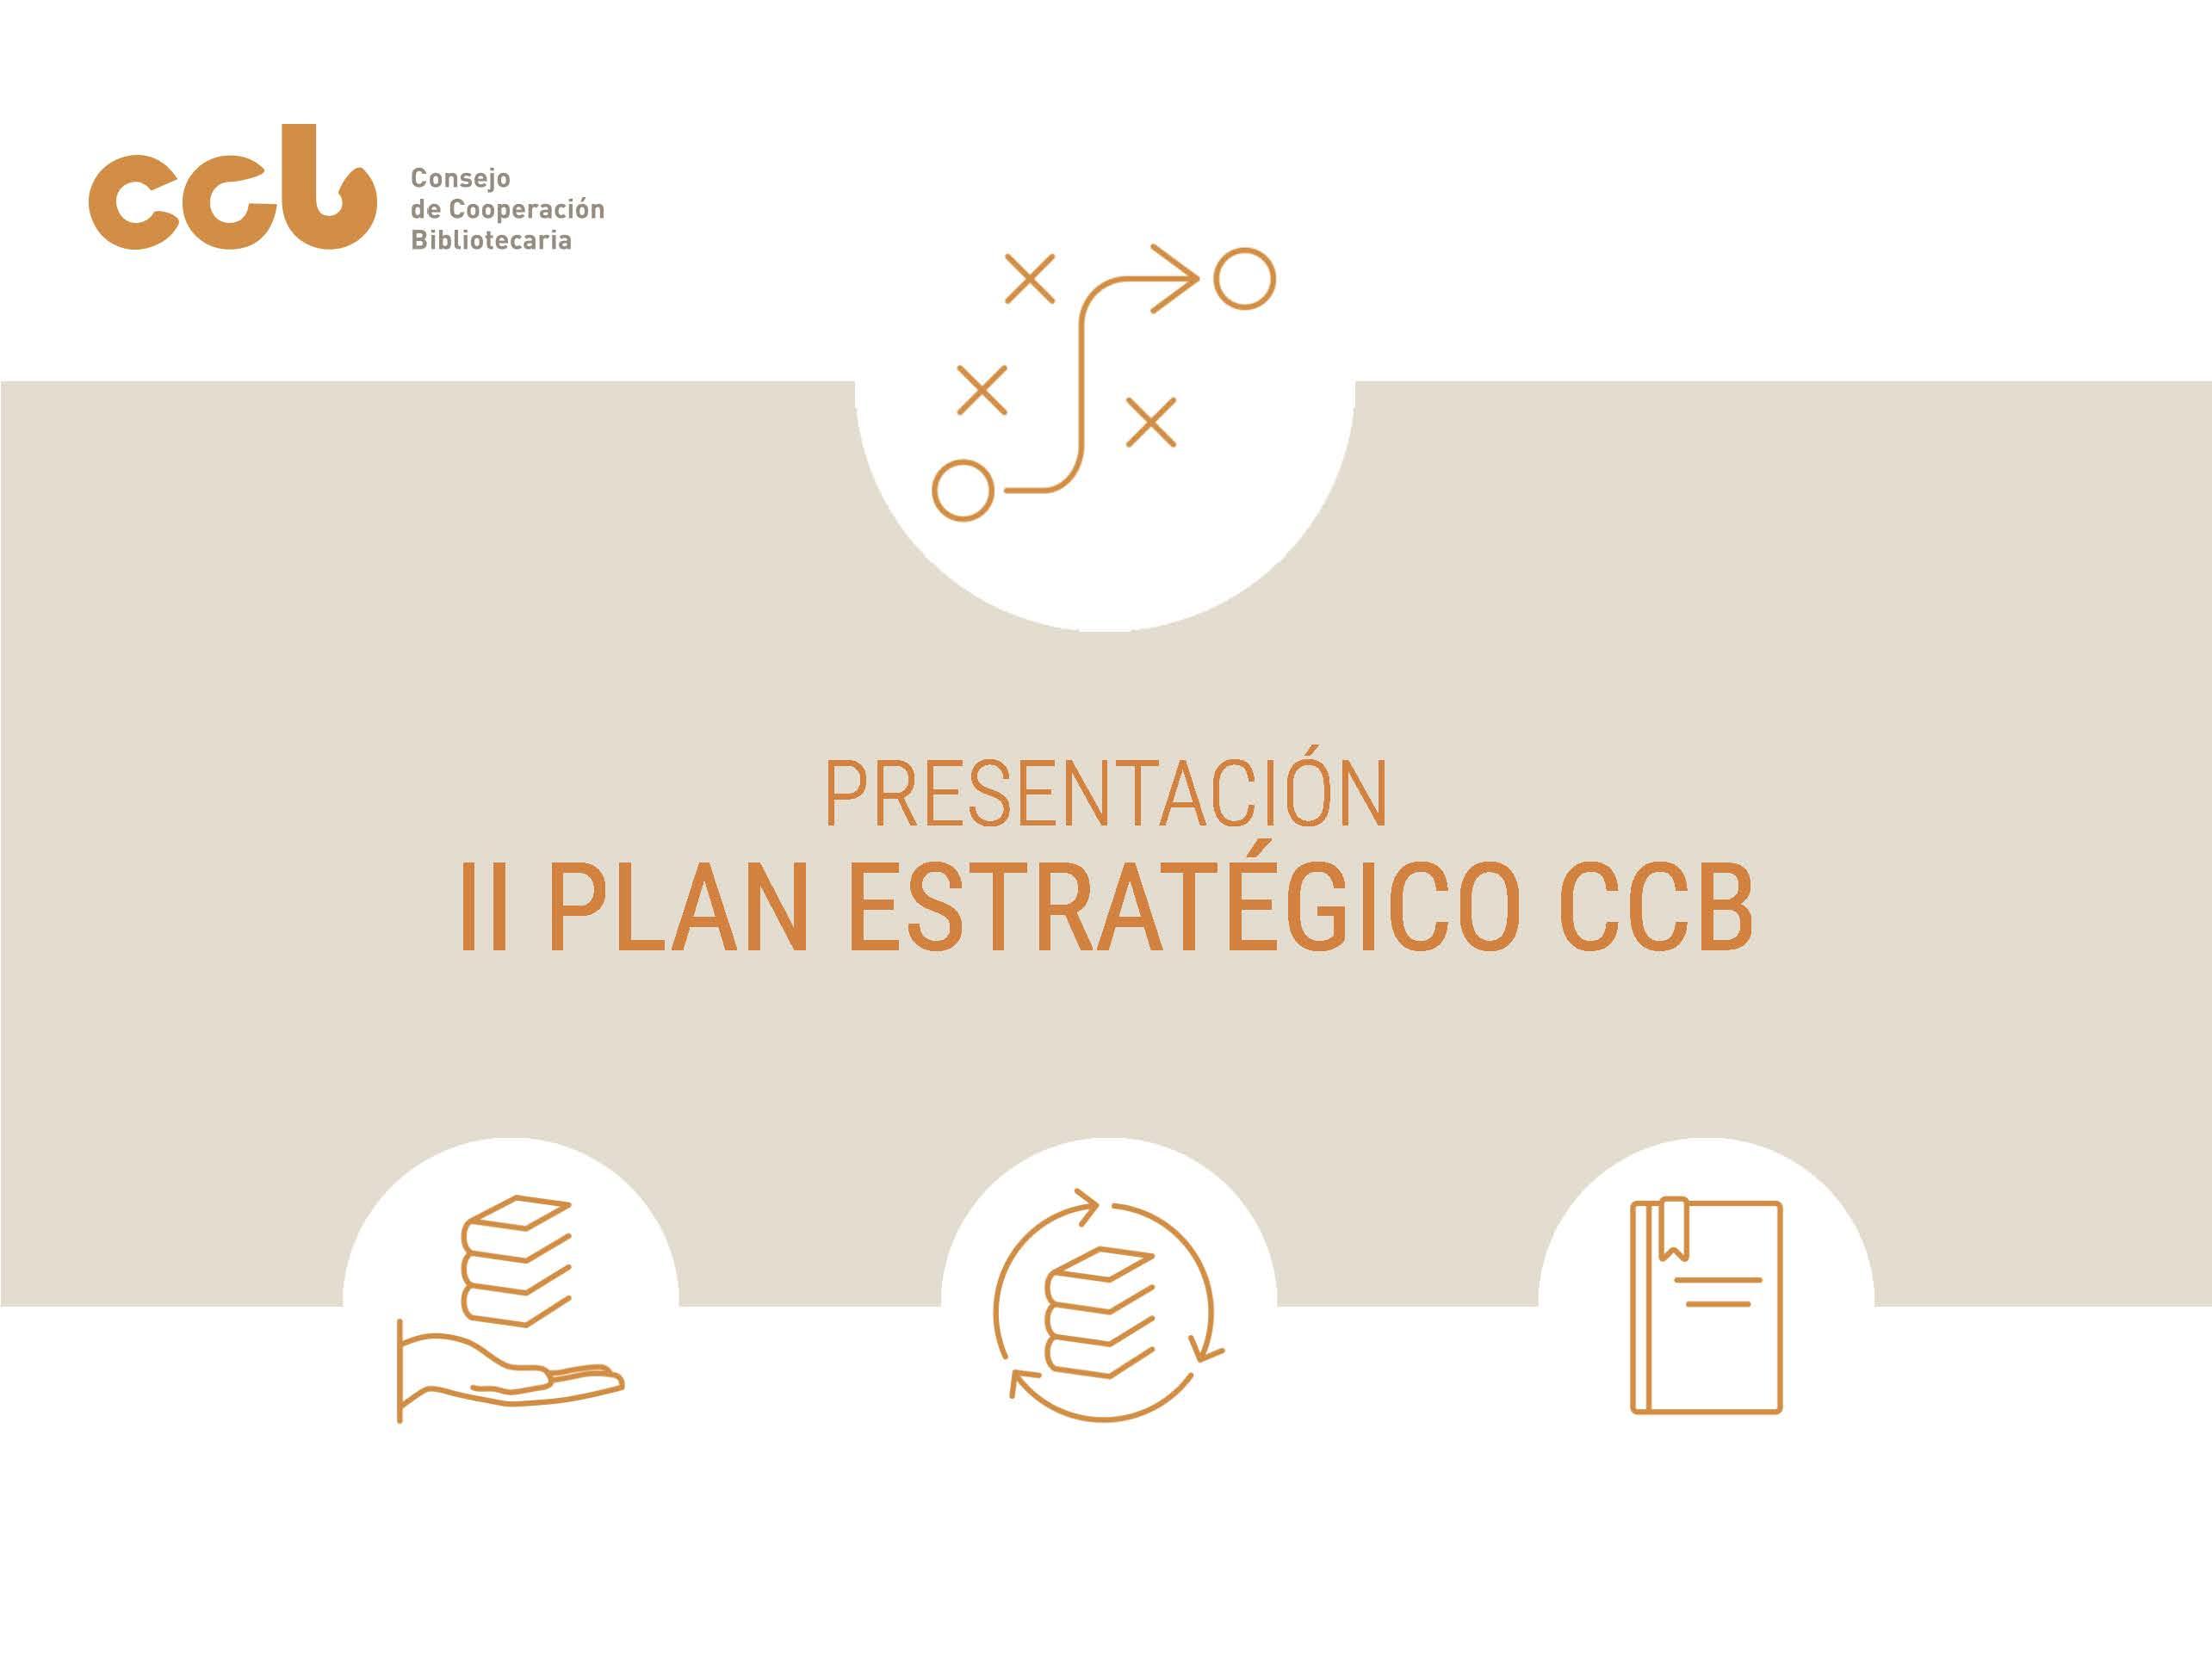 Presentación del II Plan Estratégico del CCB - Página 1